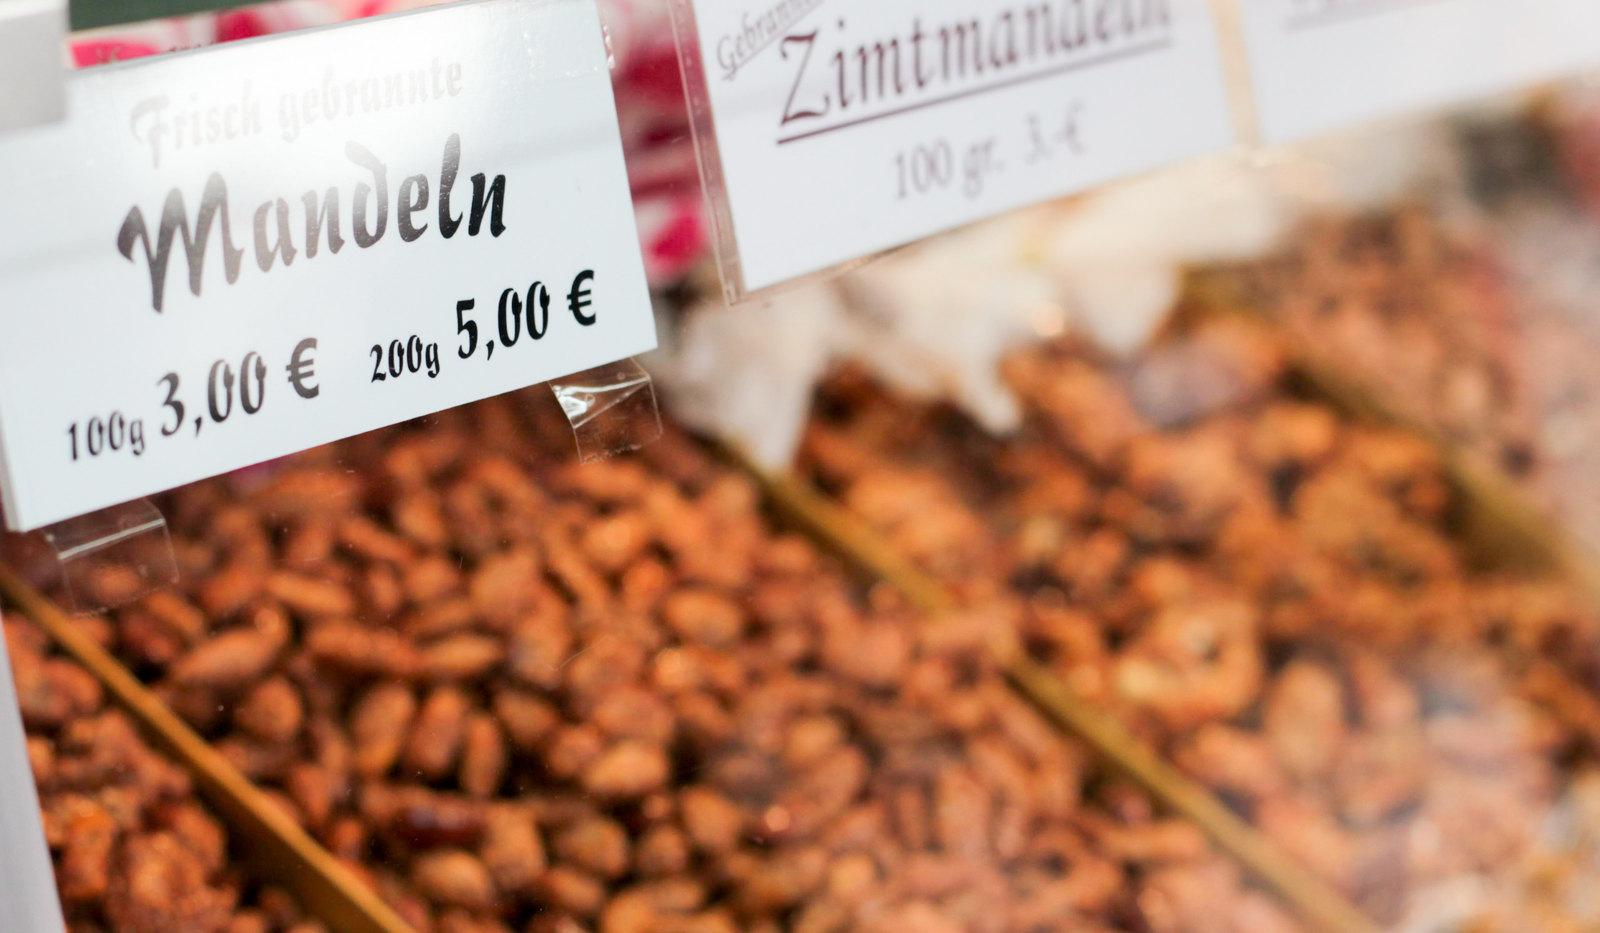 Weihnachtsmarkt | Mandeln | fototouren.net